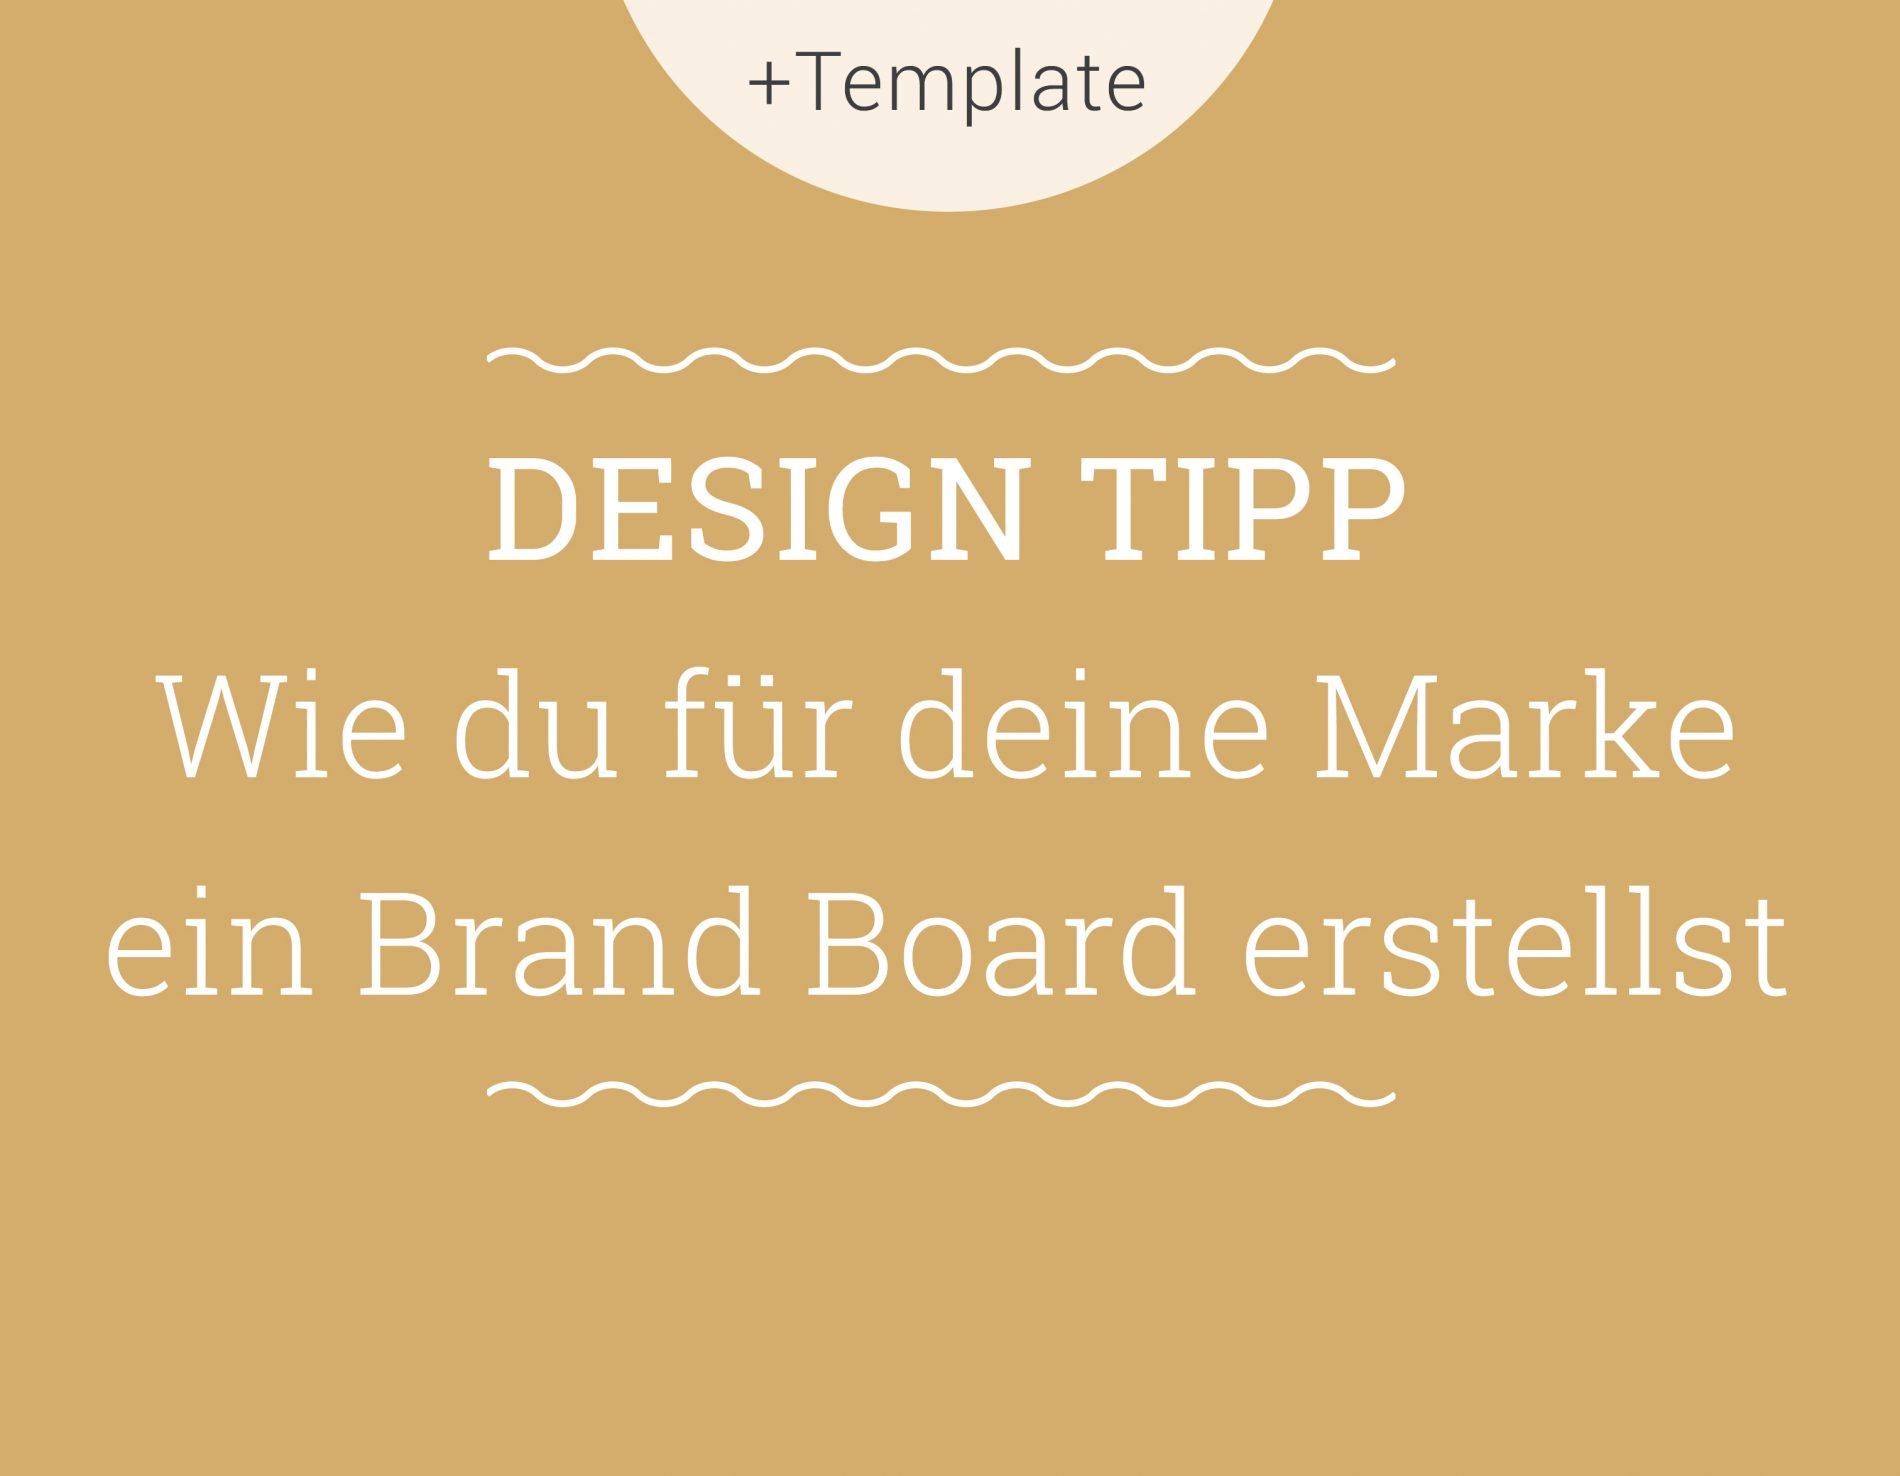 Brand Board erstellen